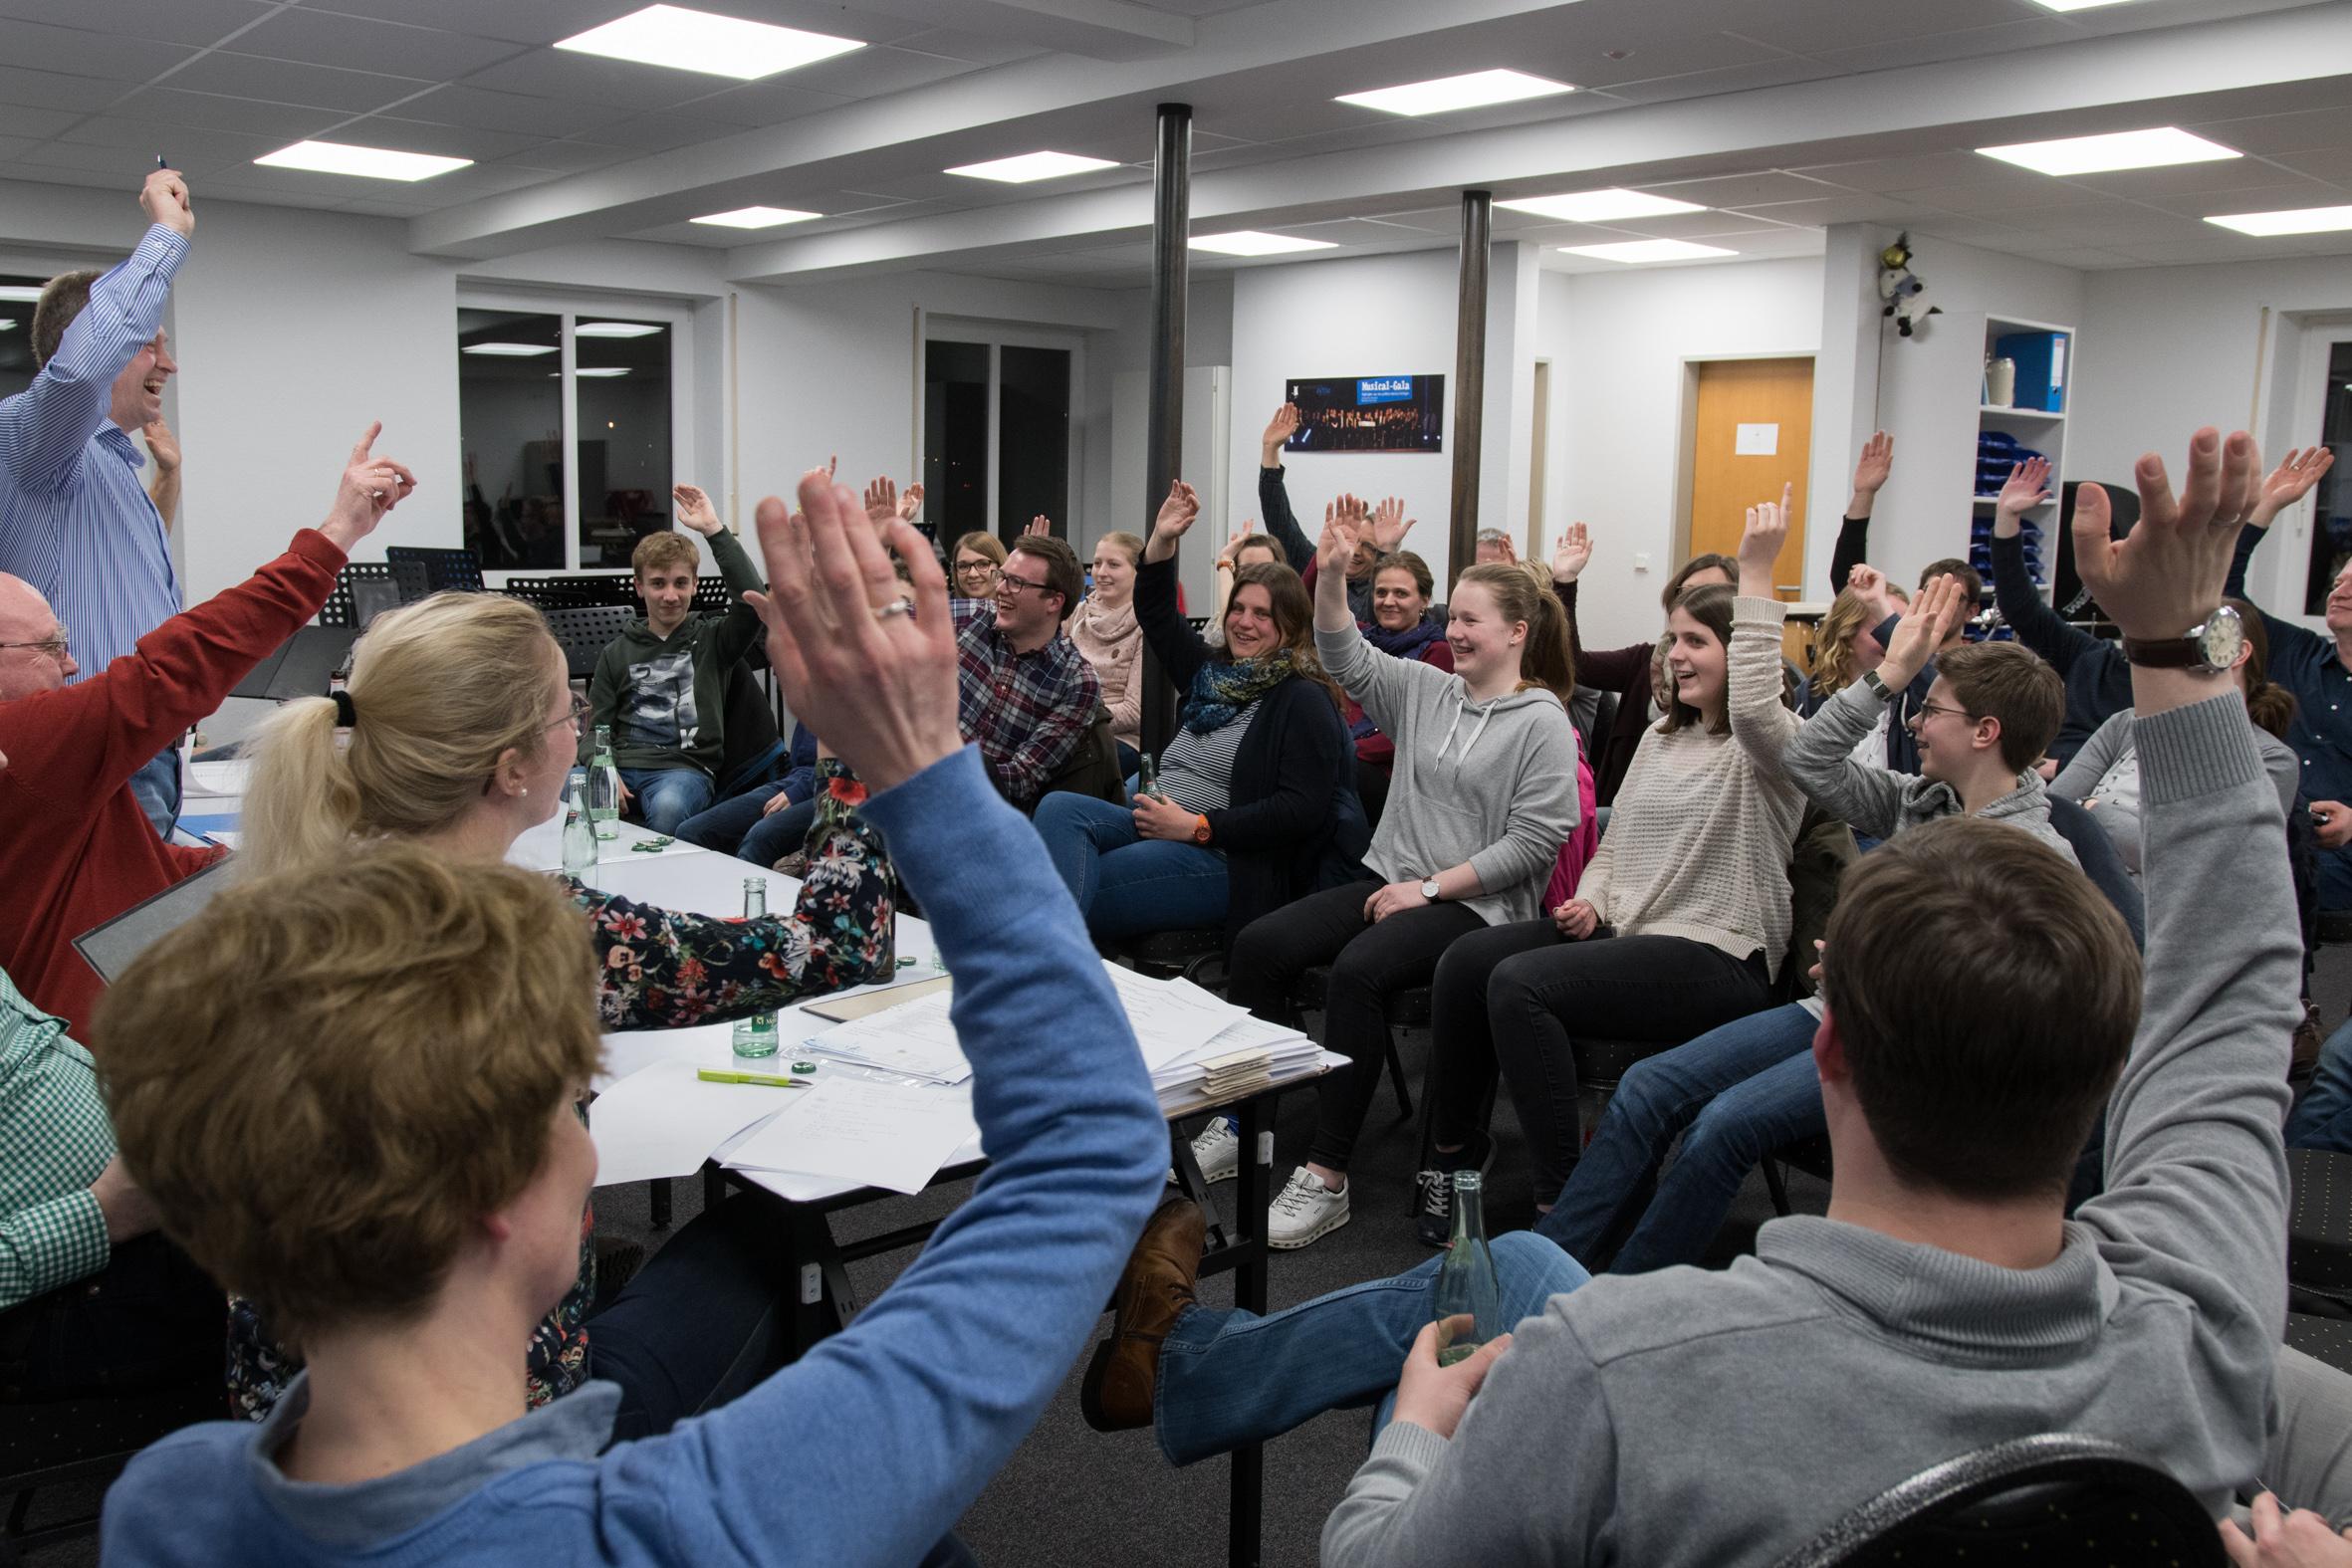 Generalversammlung wählt neuen Vorstand | Musikverein Oythe